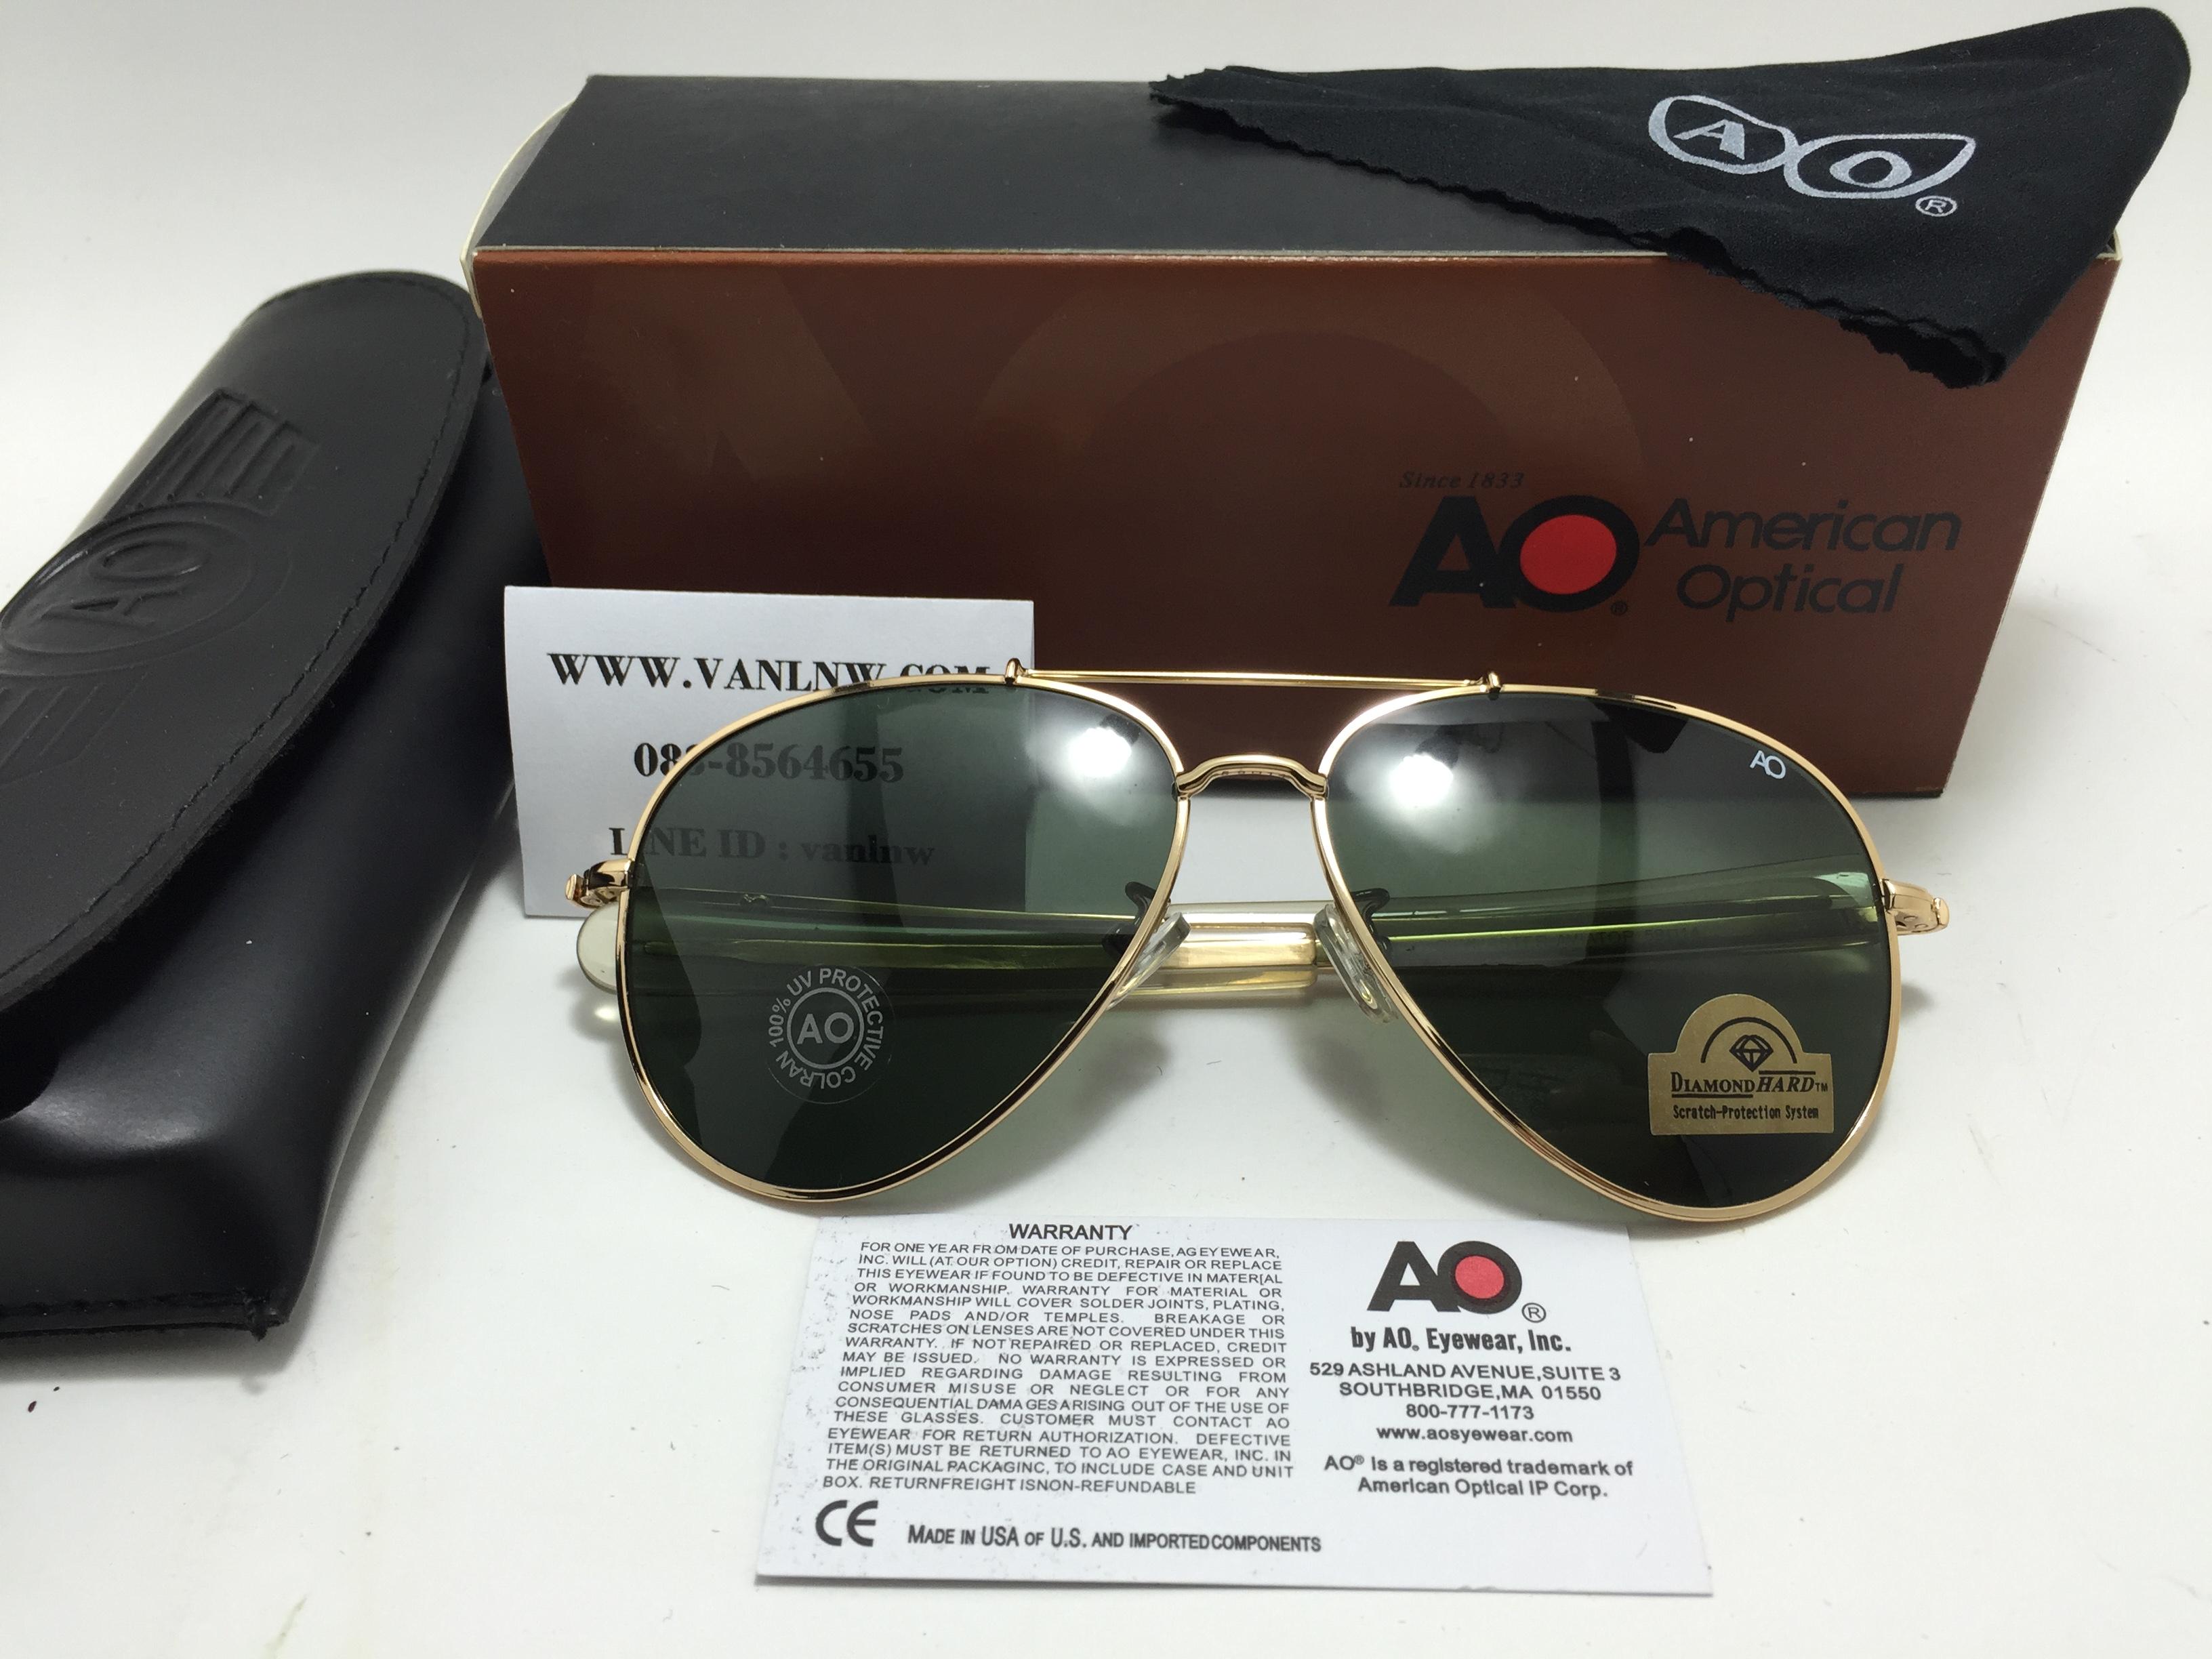 แว่น ao skymaster aviator (china) ทอง 59-14